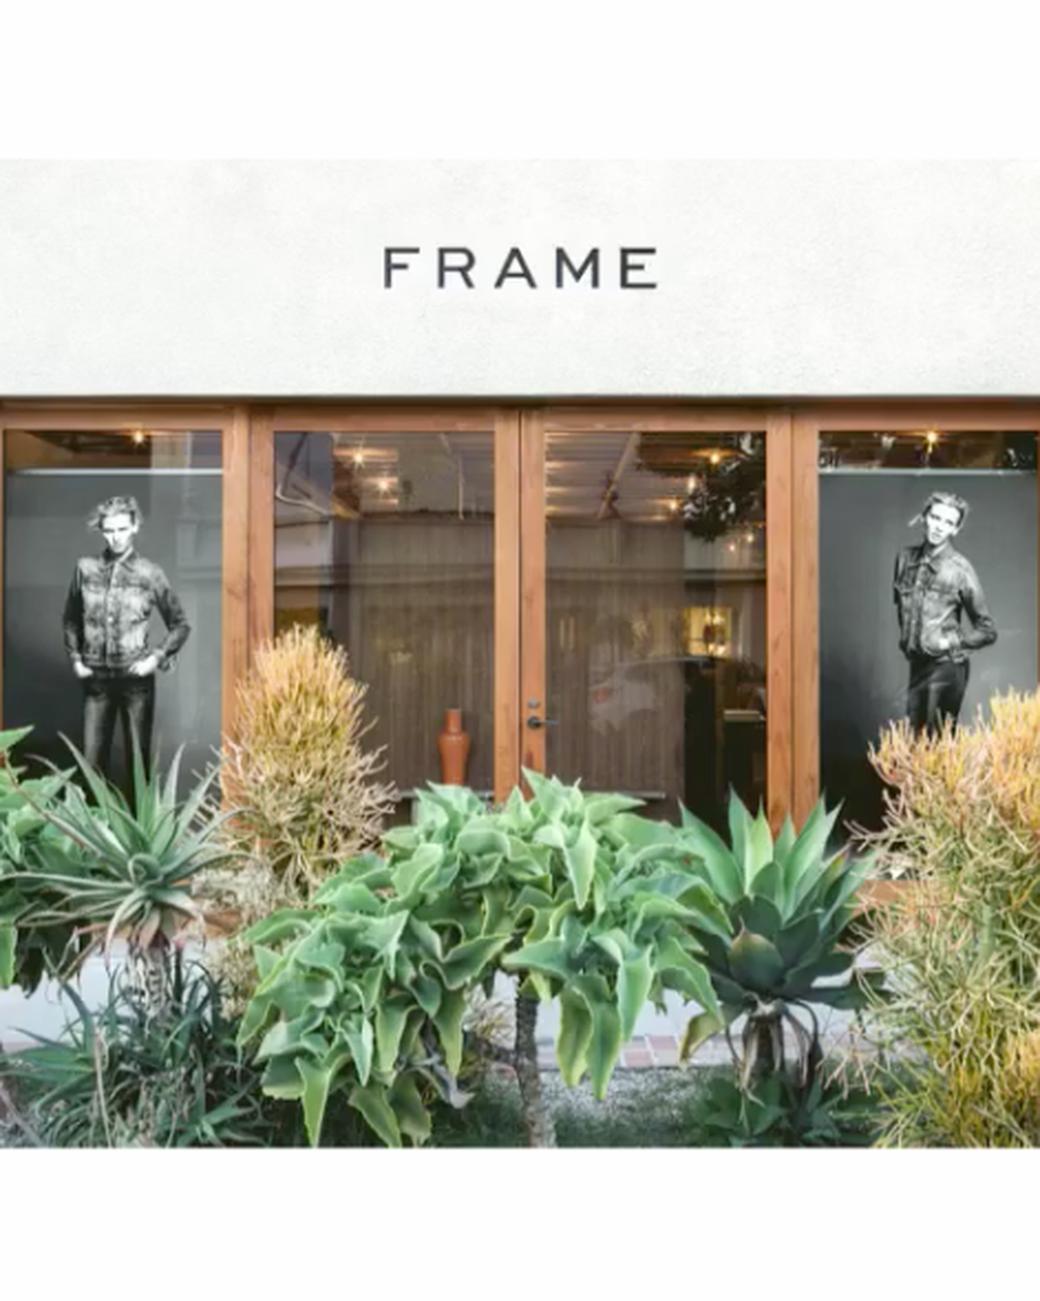 frame denim melrose storefront